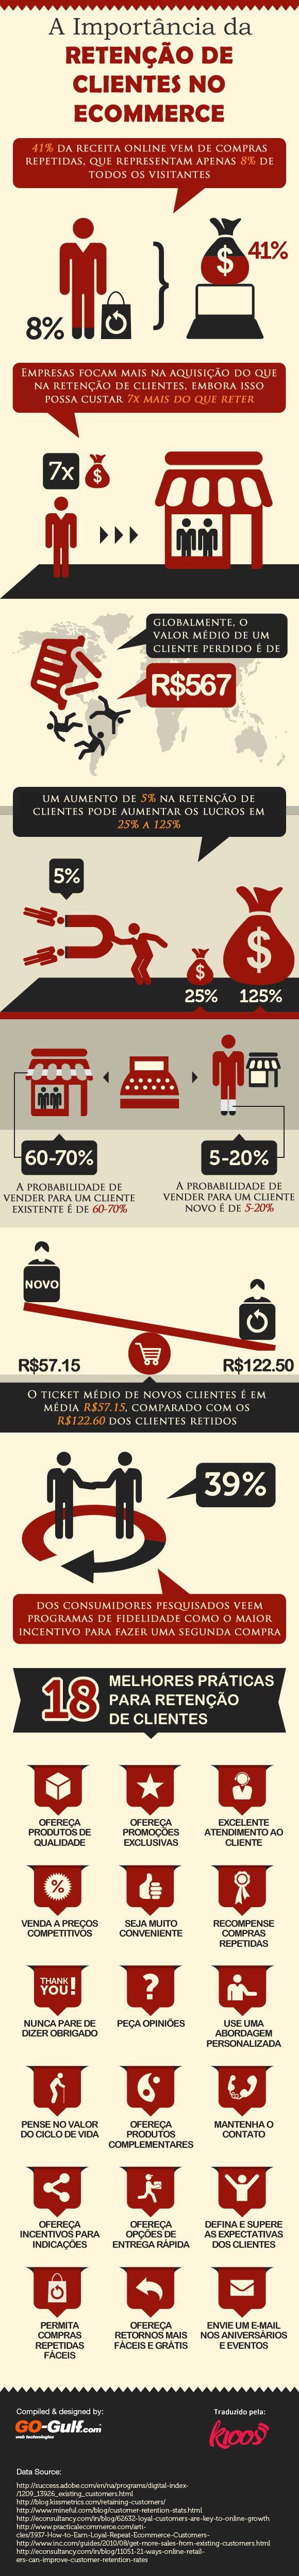 Quanto custa um cliente perdido? #Retenção #Infográfico